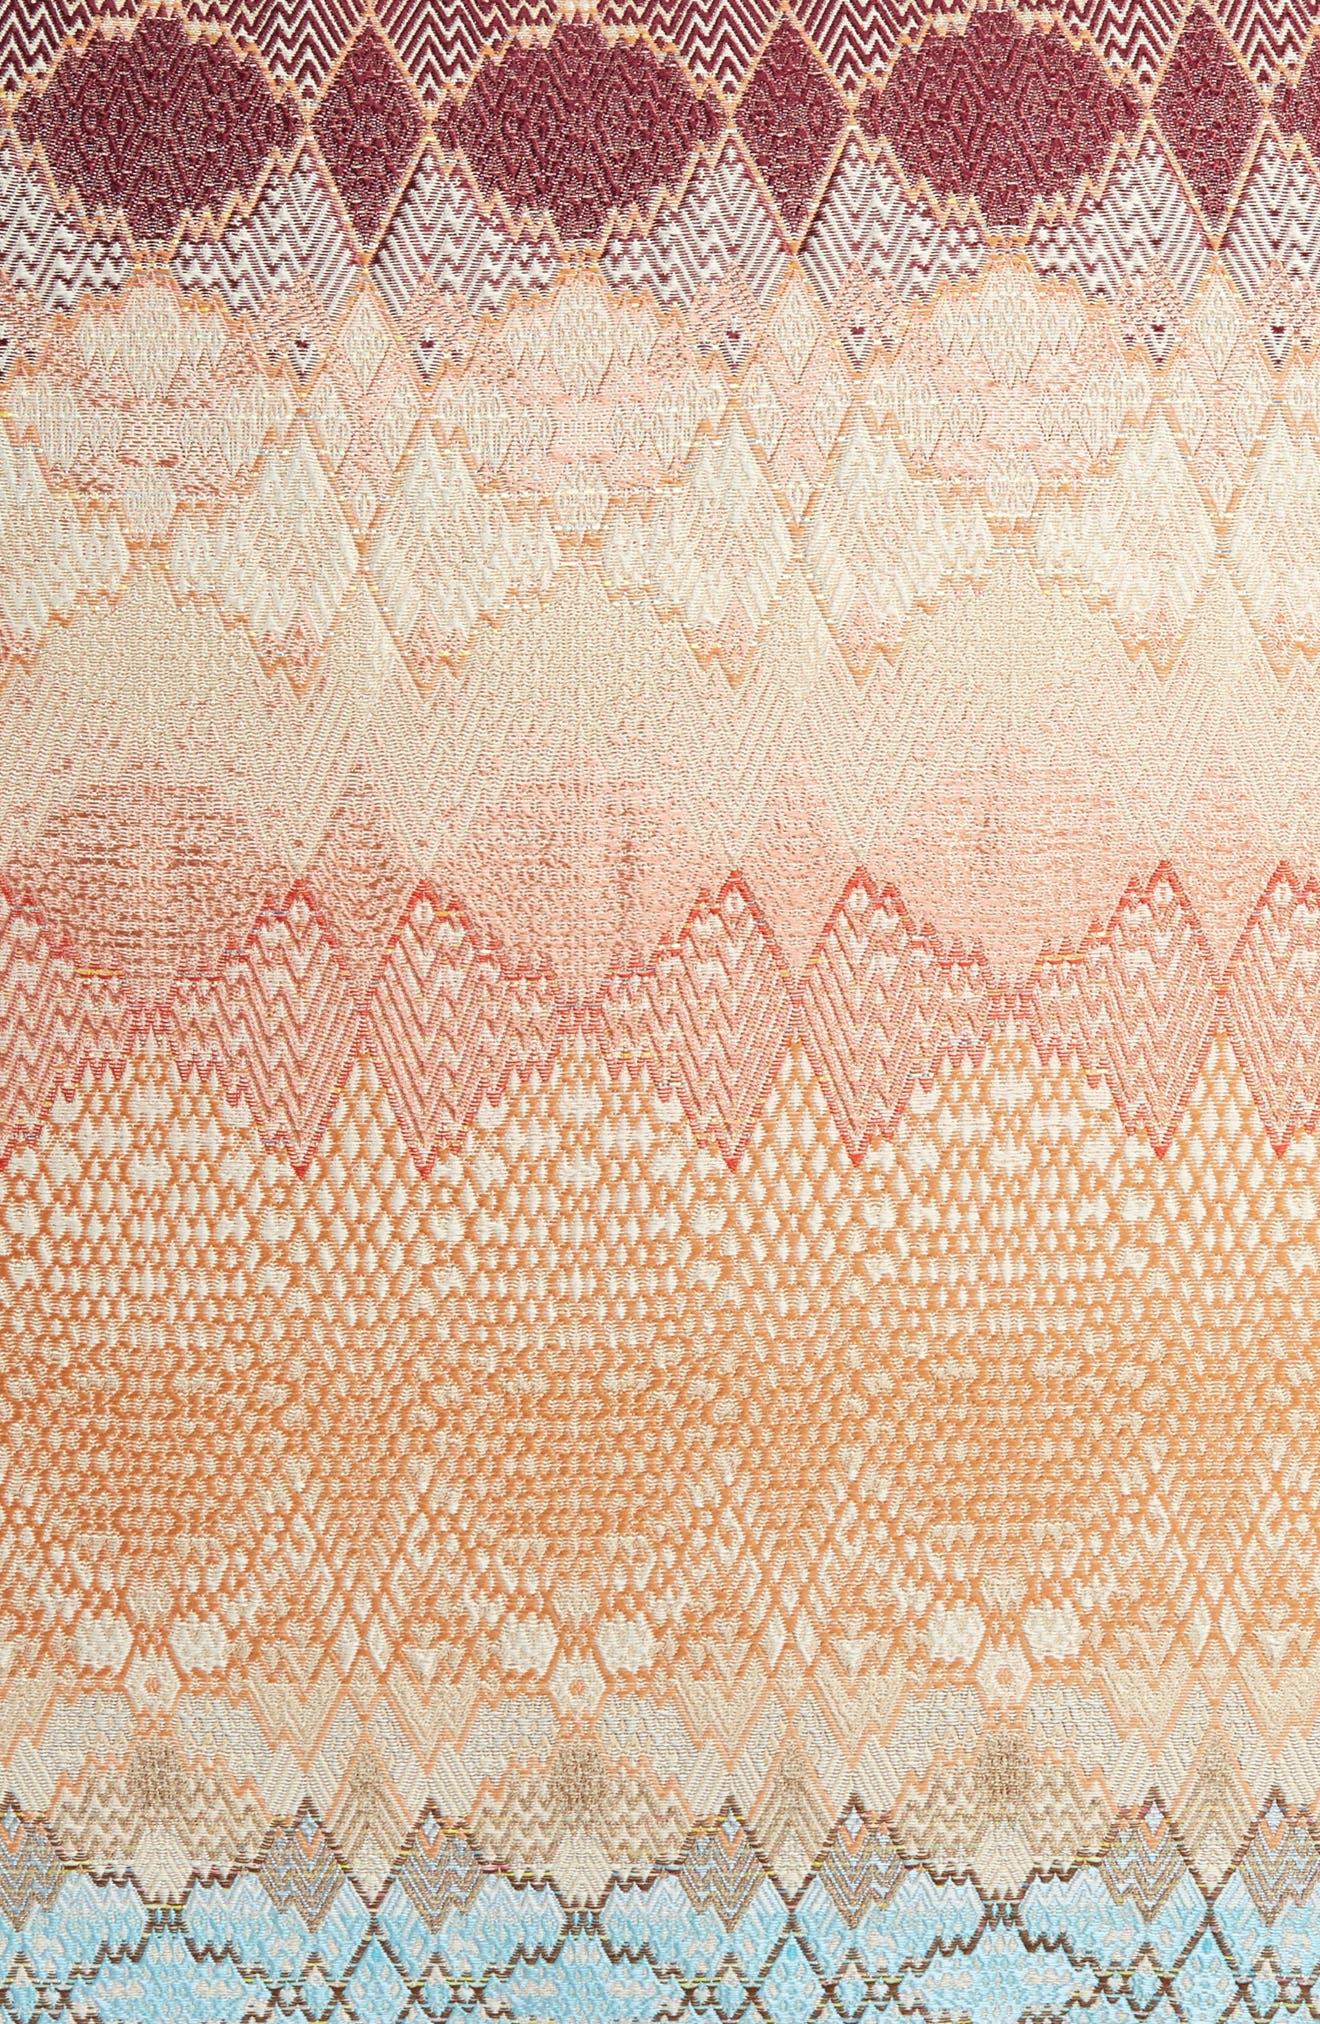 MISSONI,                             Tbilissi Accent Pillow,                             Alternate thumbnail 3, color,                             800